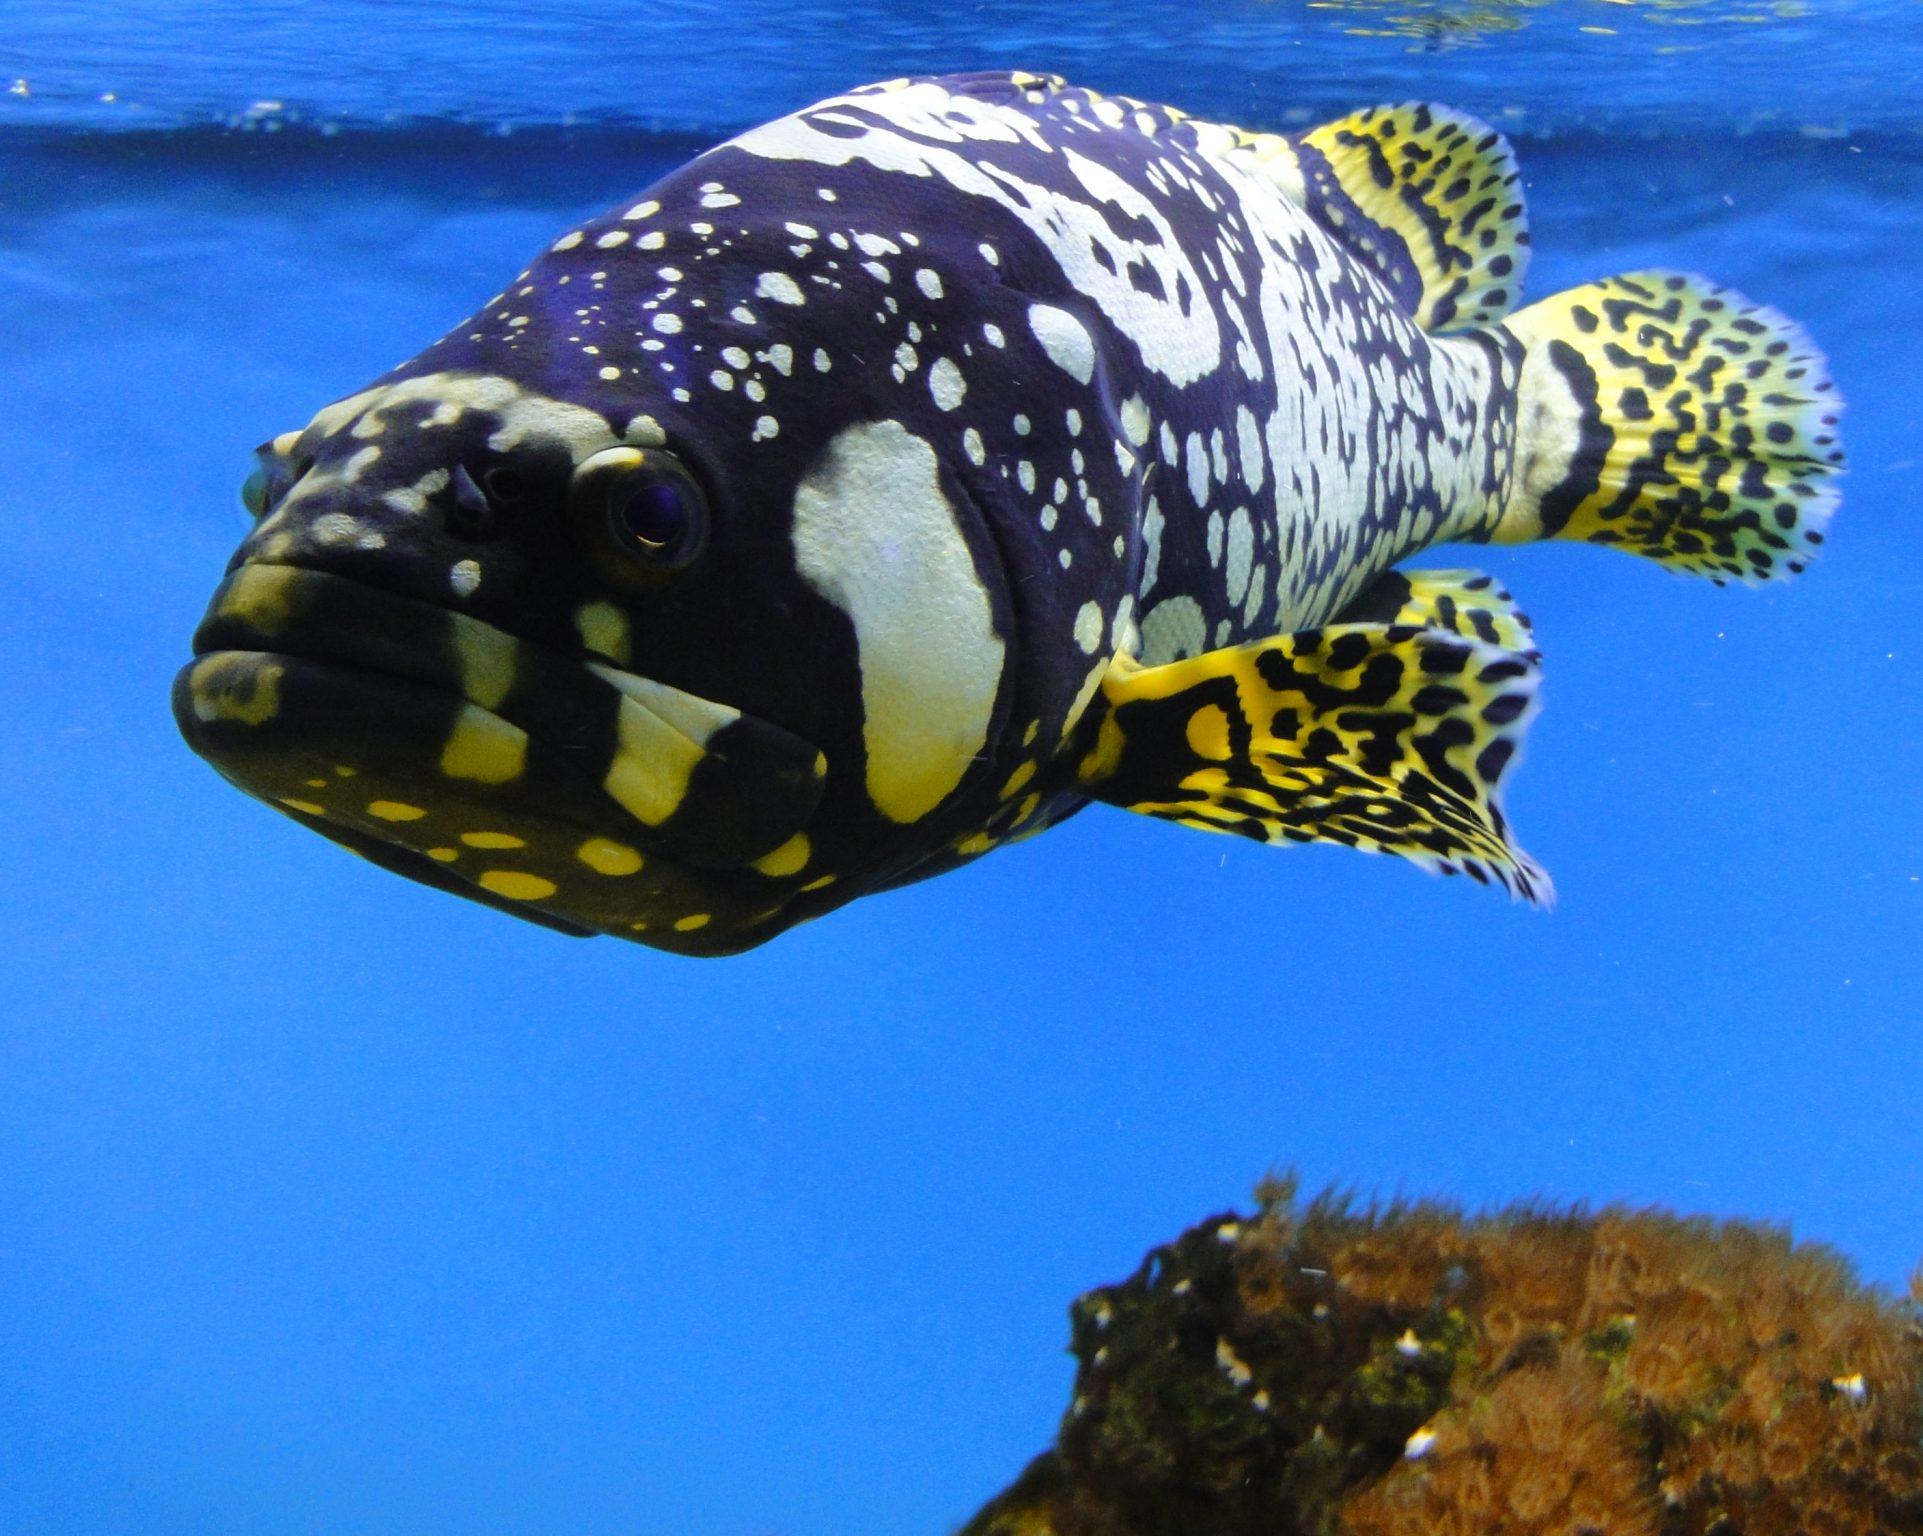 Giant Grouper, Brindle Bass, Brindled Grouper, Queensland Groper